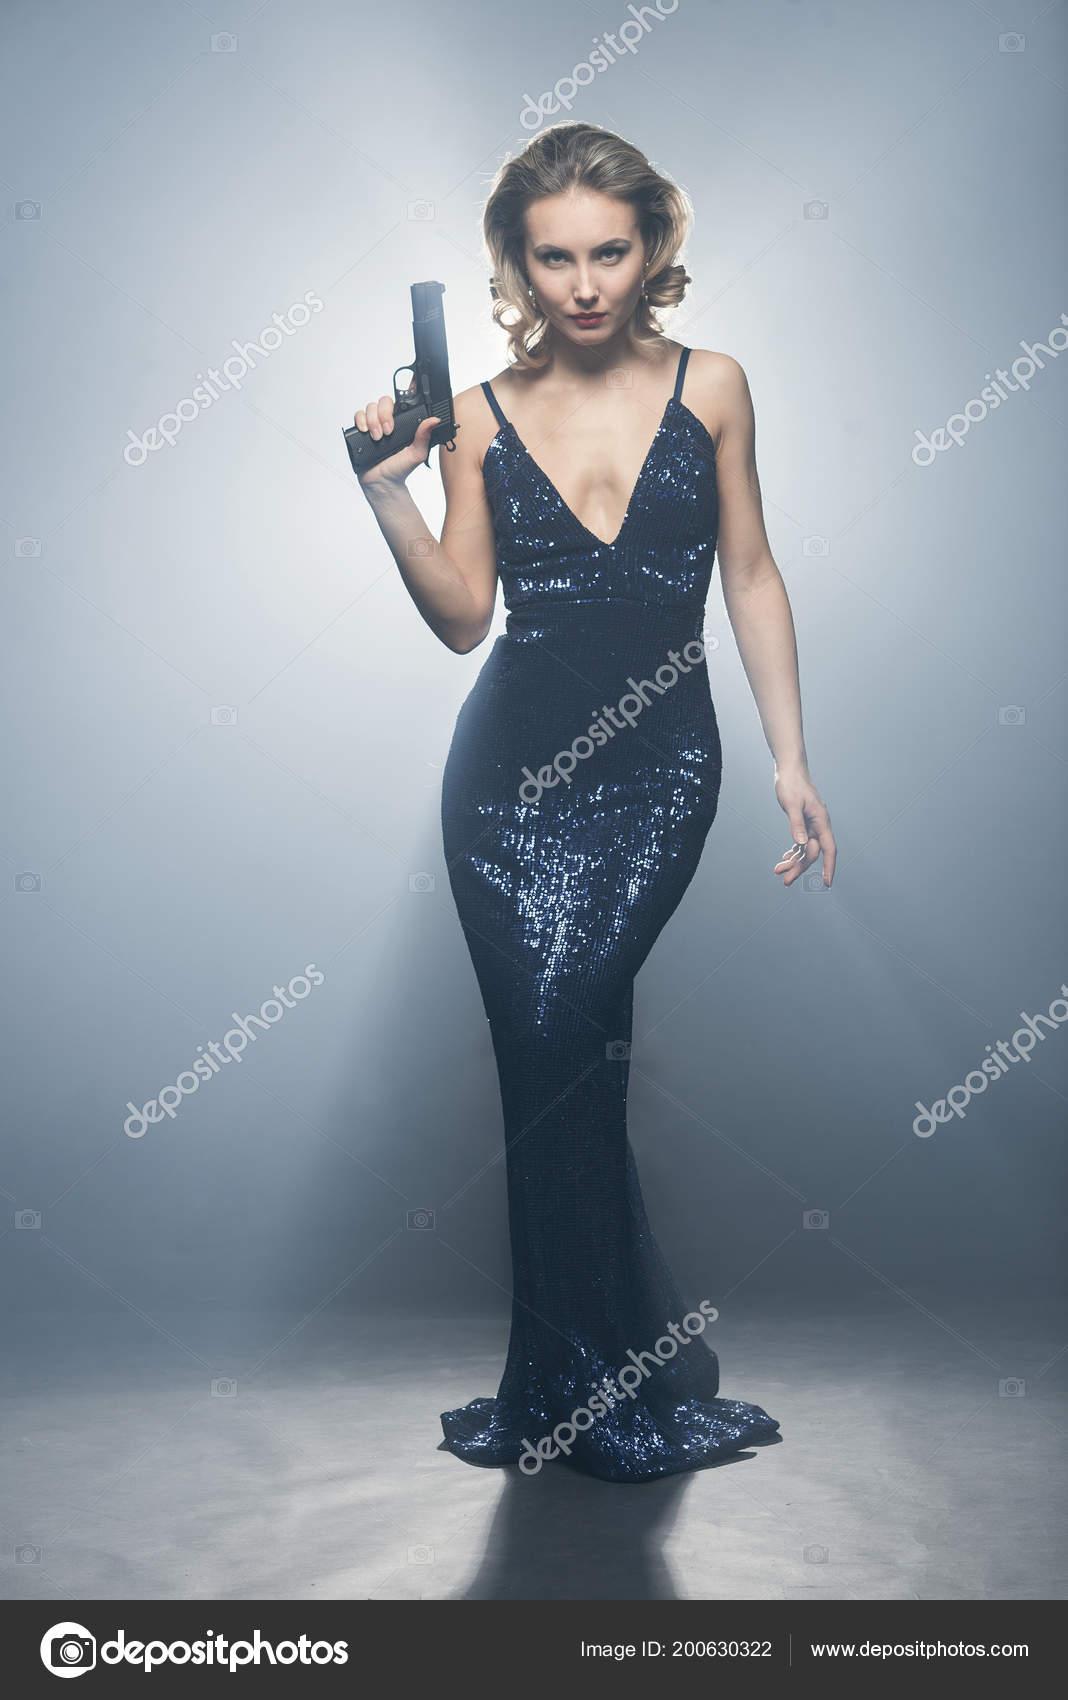 Сексуальная девушка с пистолетом